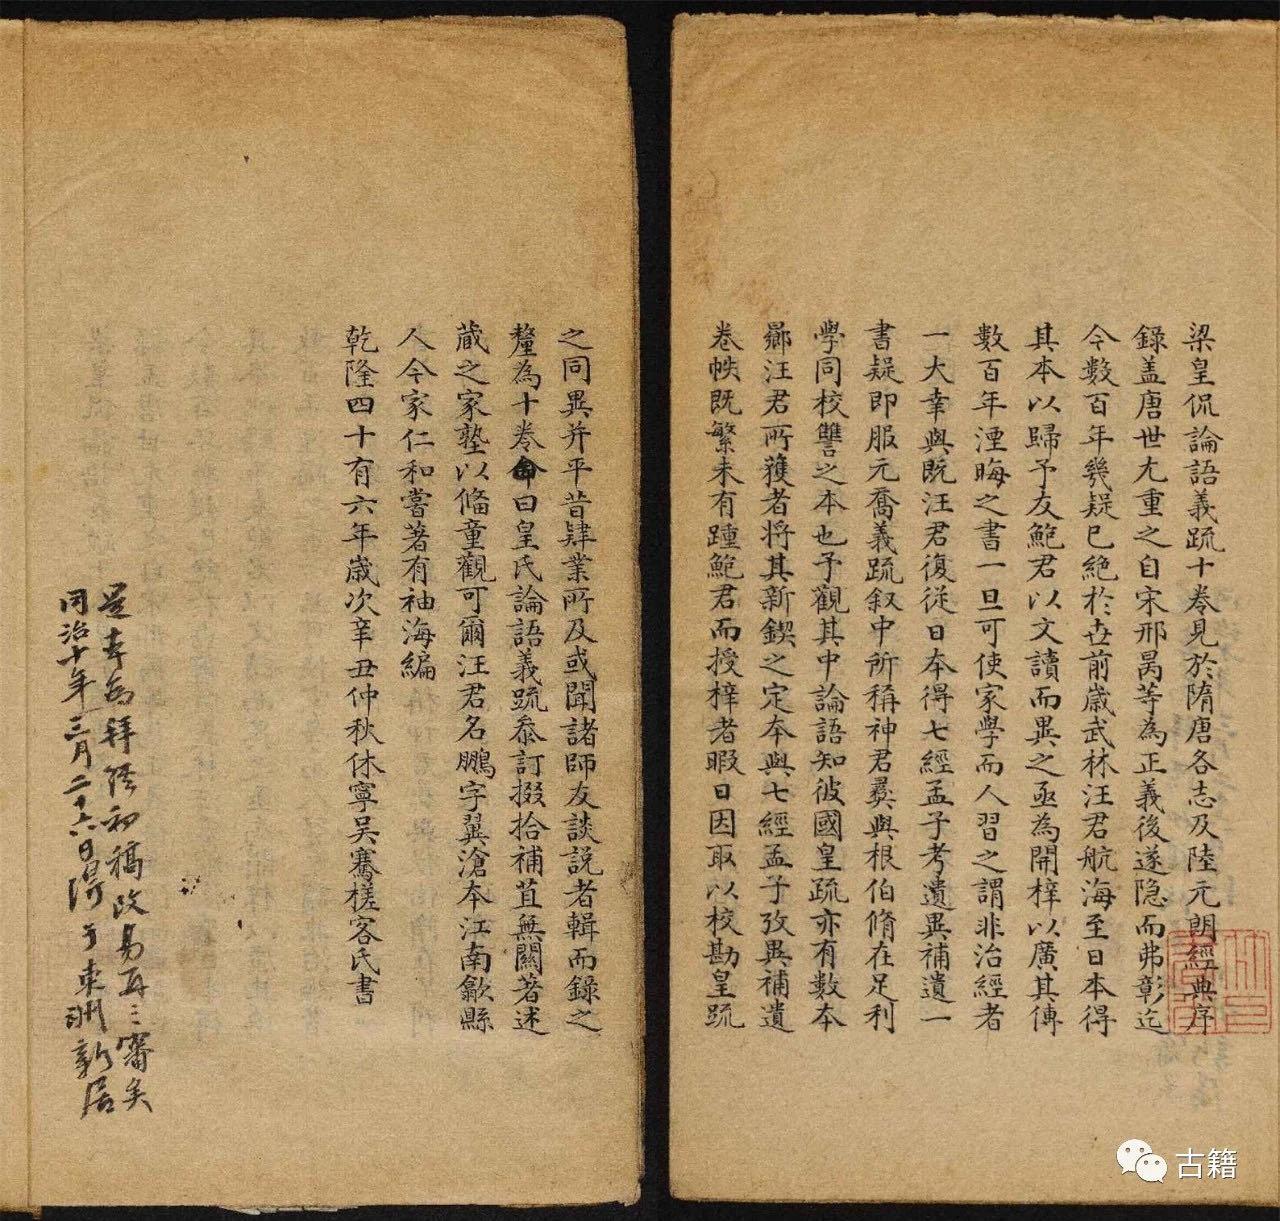 重磅! 日本舊書店發現最早《論語》寫本! 日本網友這樣評論-圖5